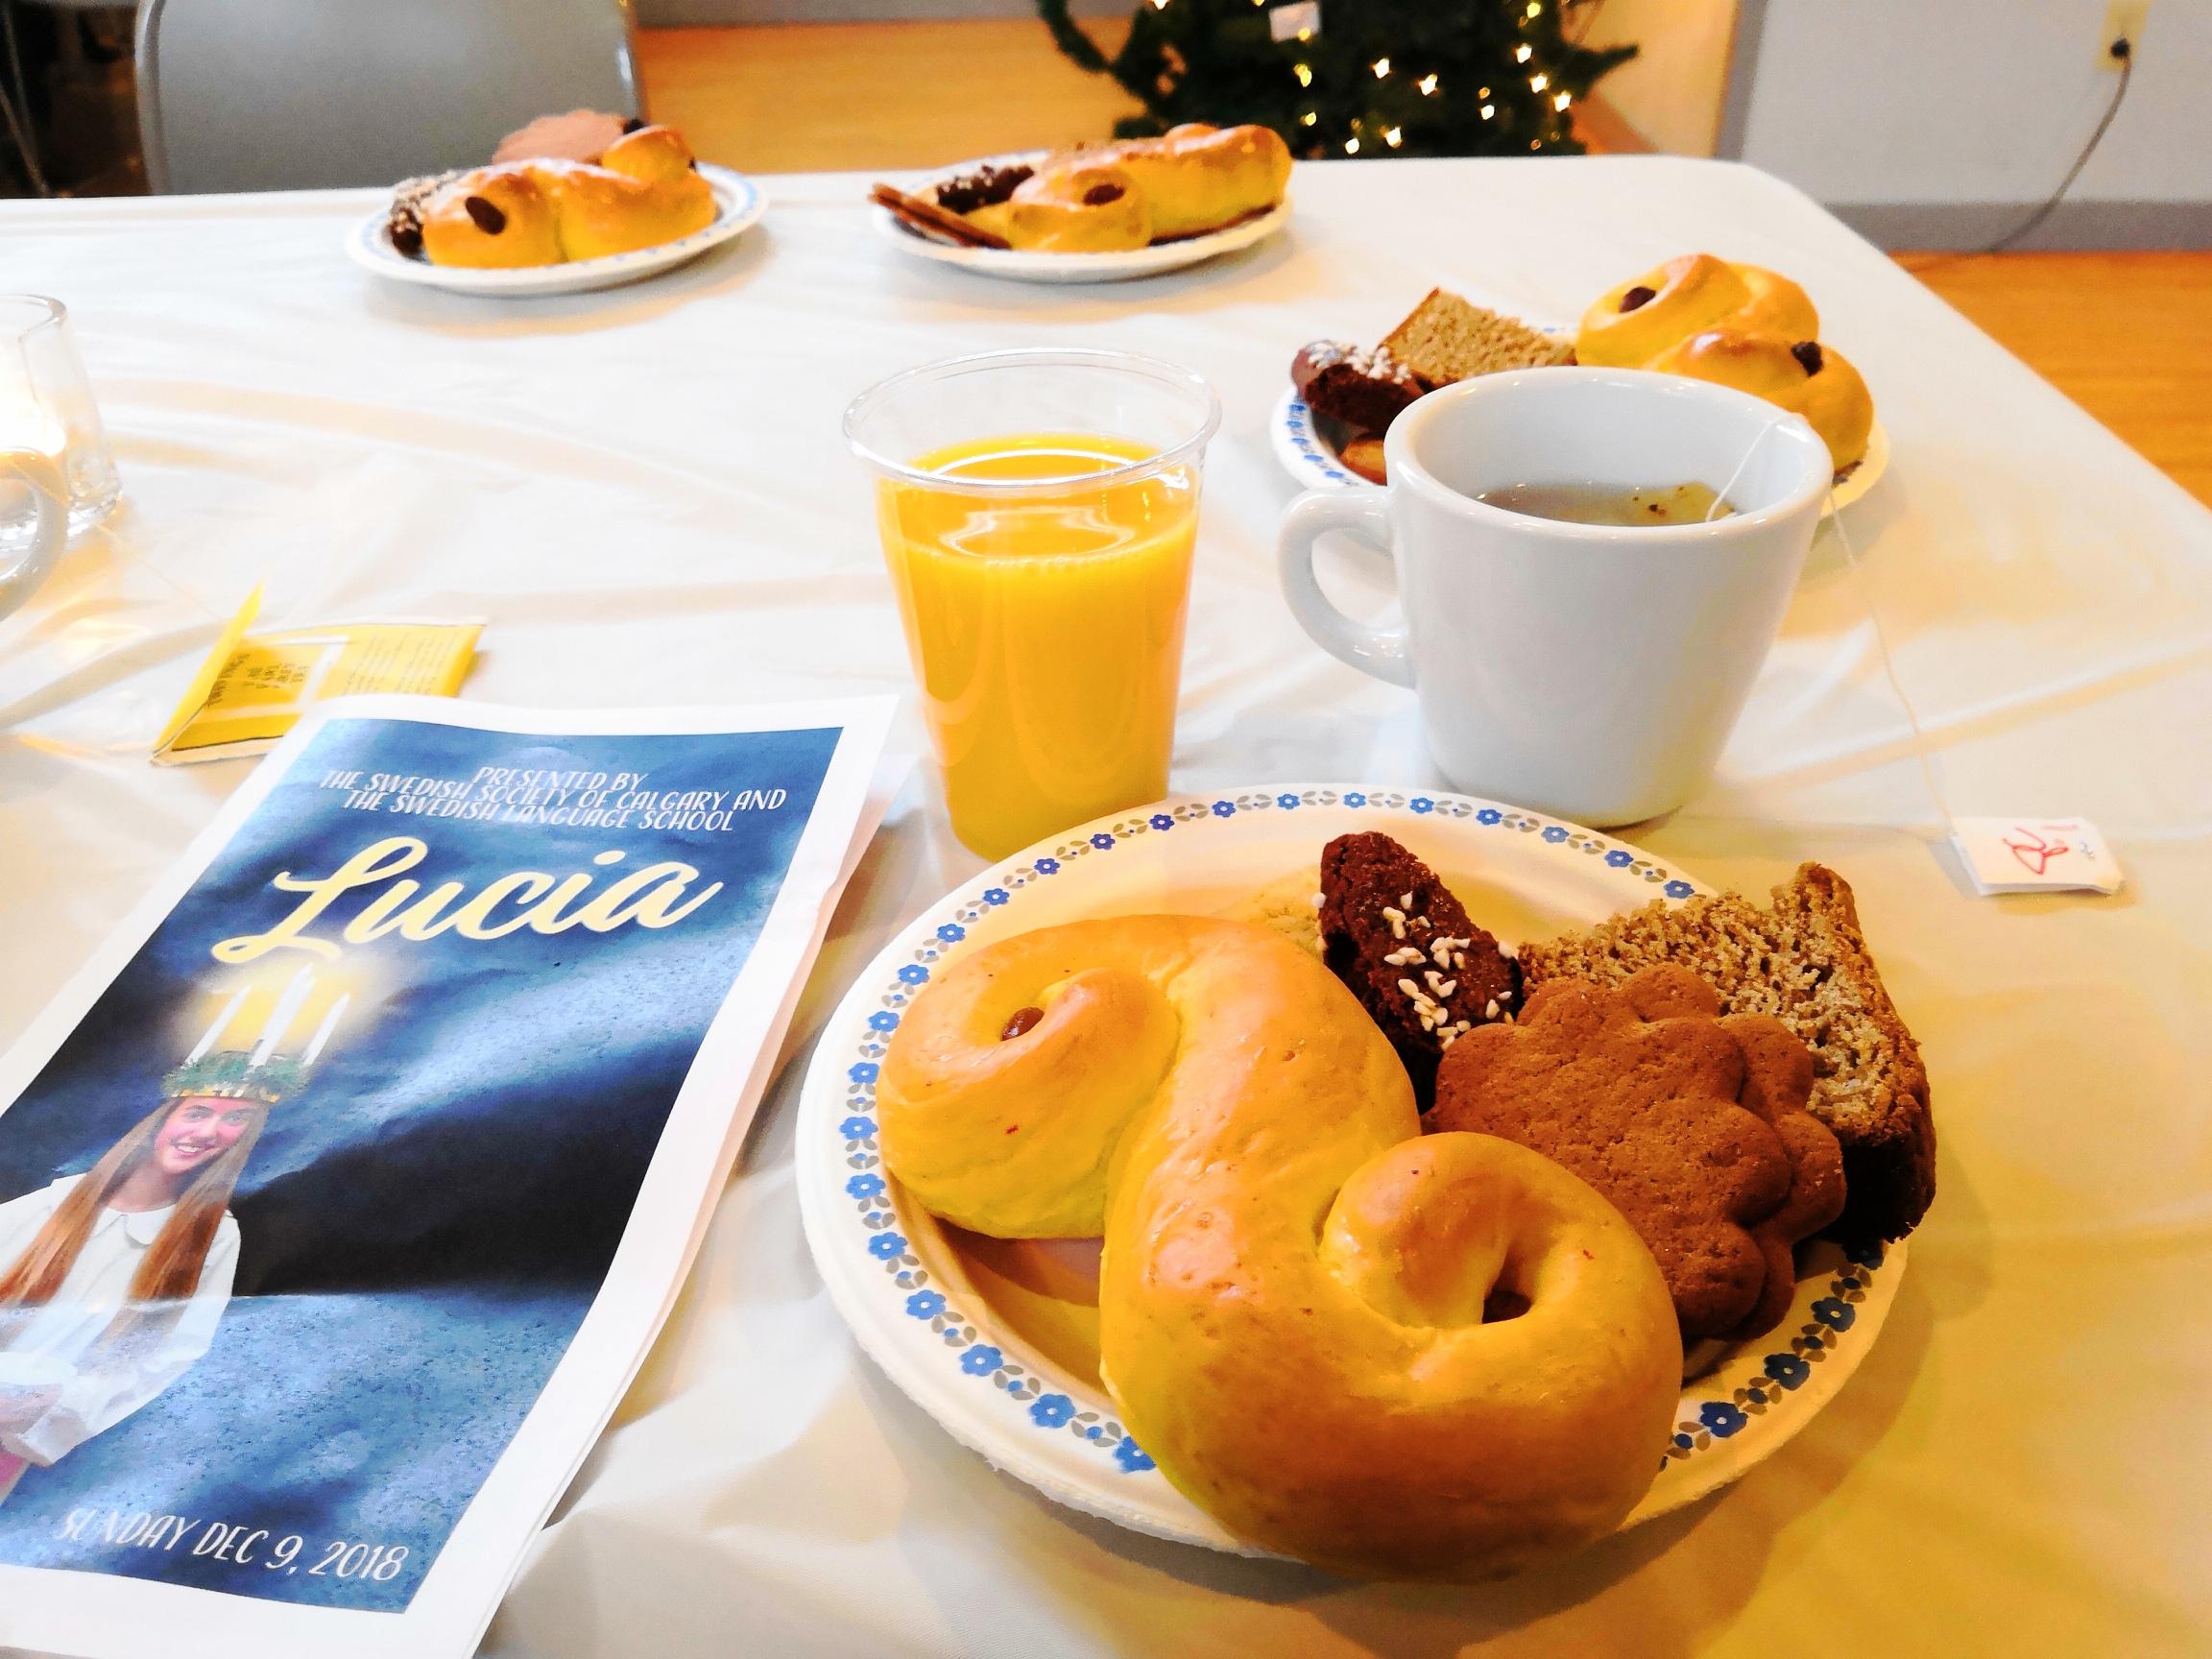 Swedish Christmas fika